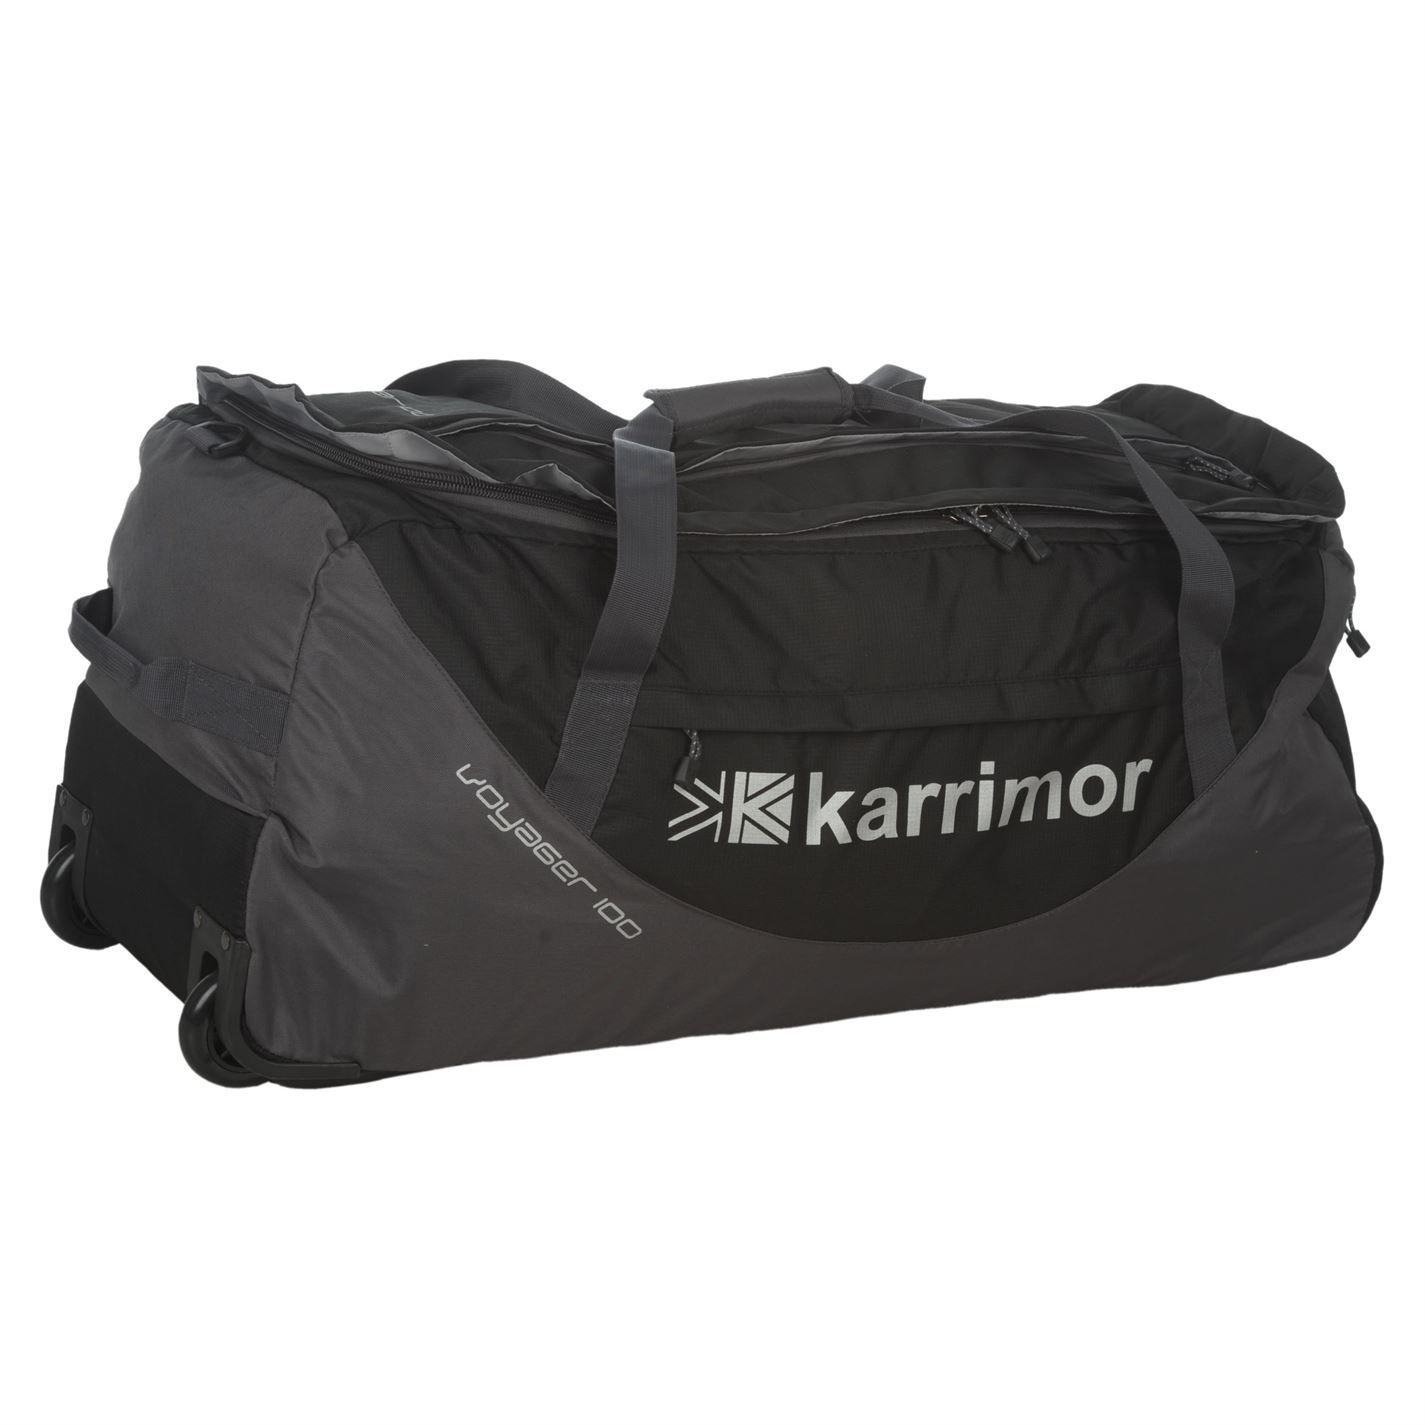 Karrimor Voyager 100 Bag